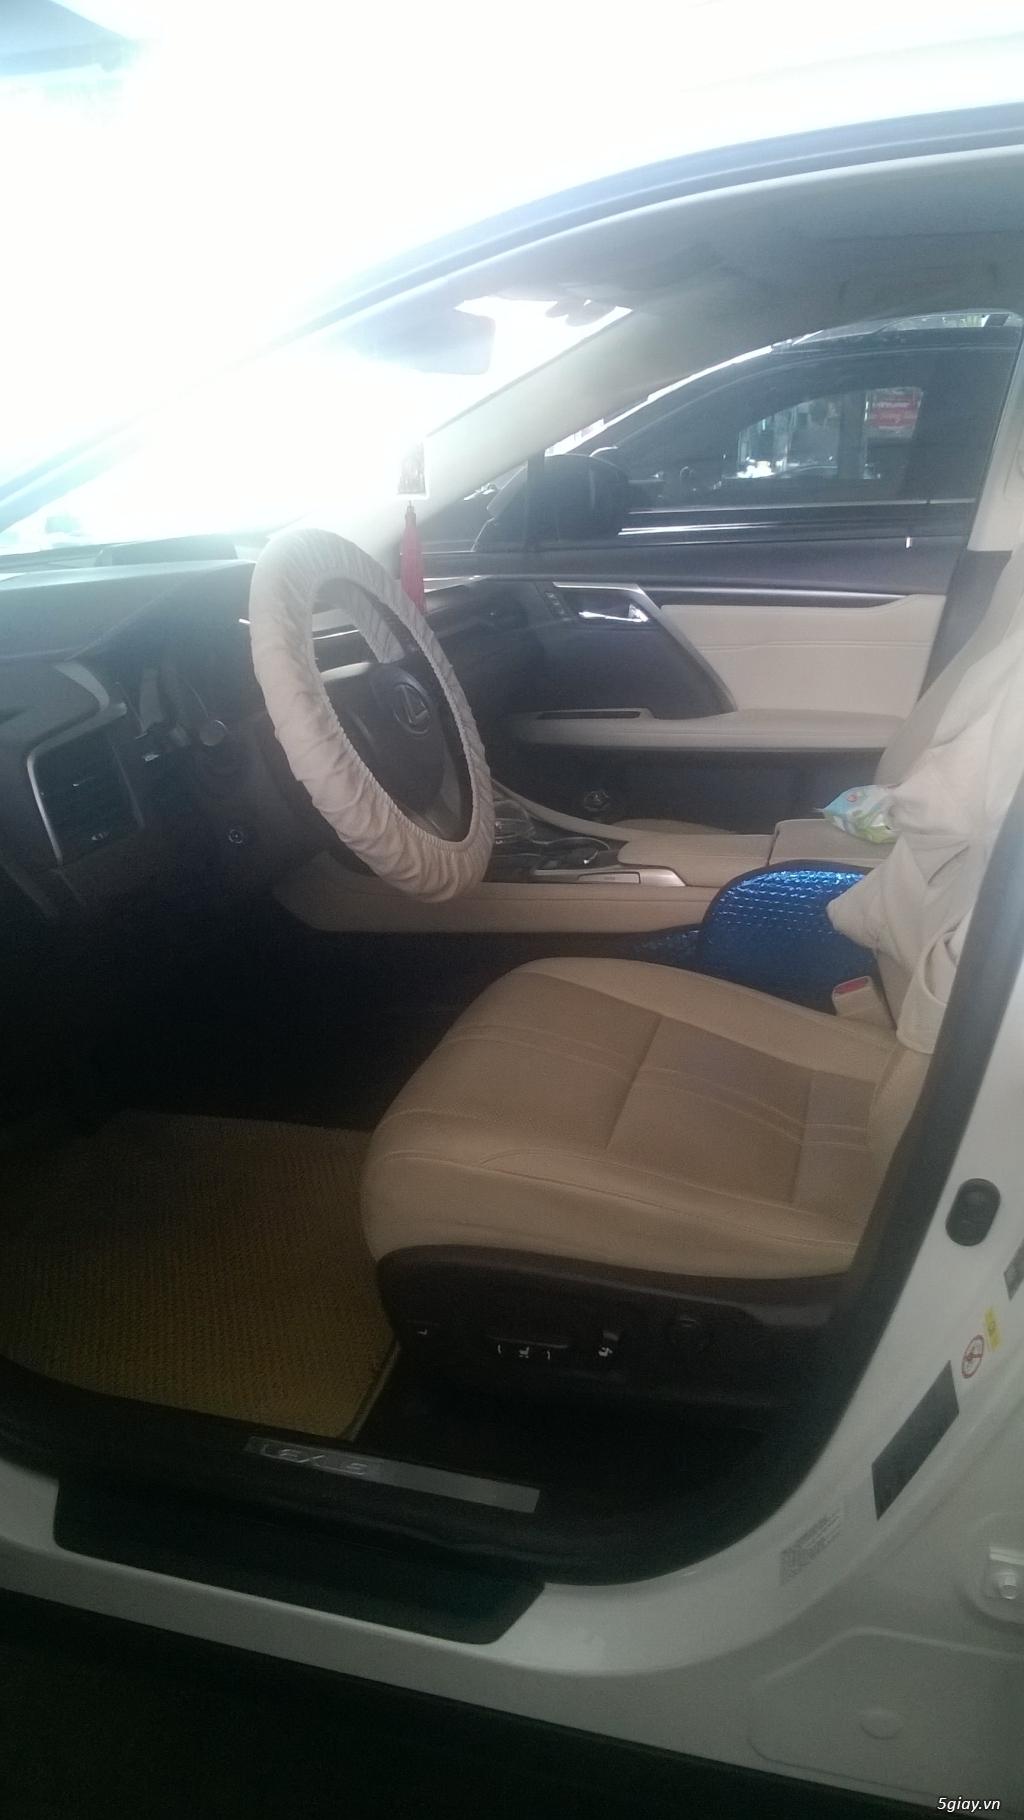 Cần bán Lexus RX200t đời 2015 xe nhà chạy giá 2.8tỷ còn TL - 4